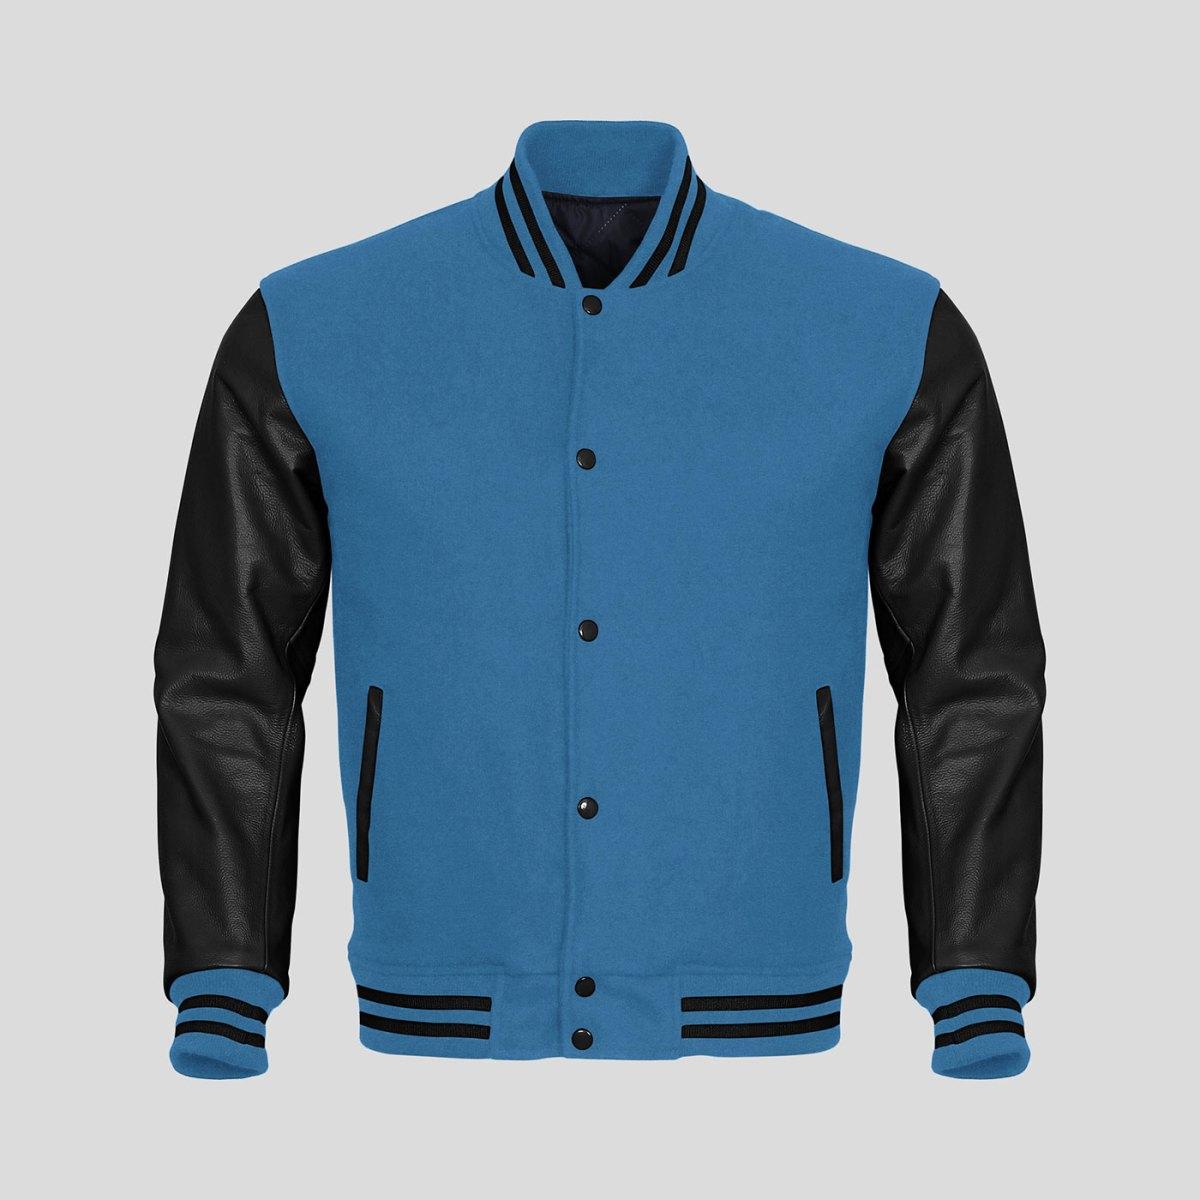 Black Leather Sleeves Sky Blue Wool Varsity Jacket Clothoo